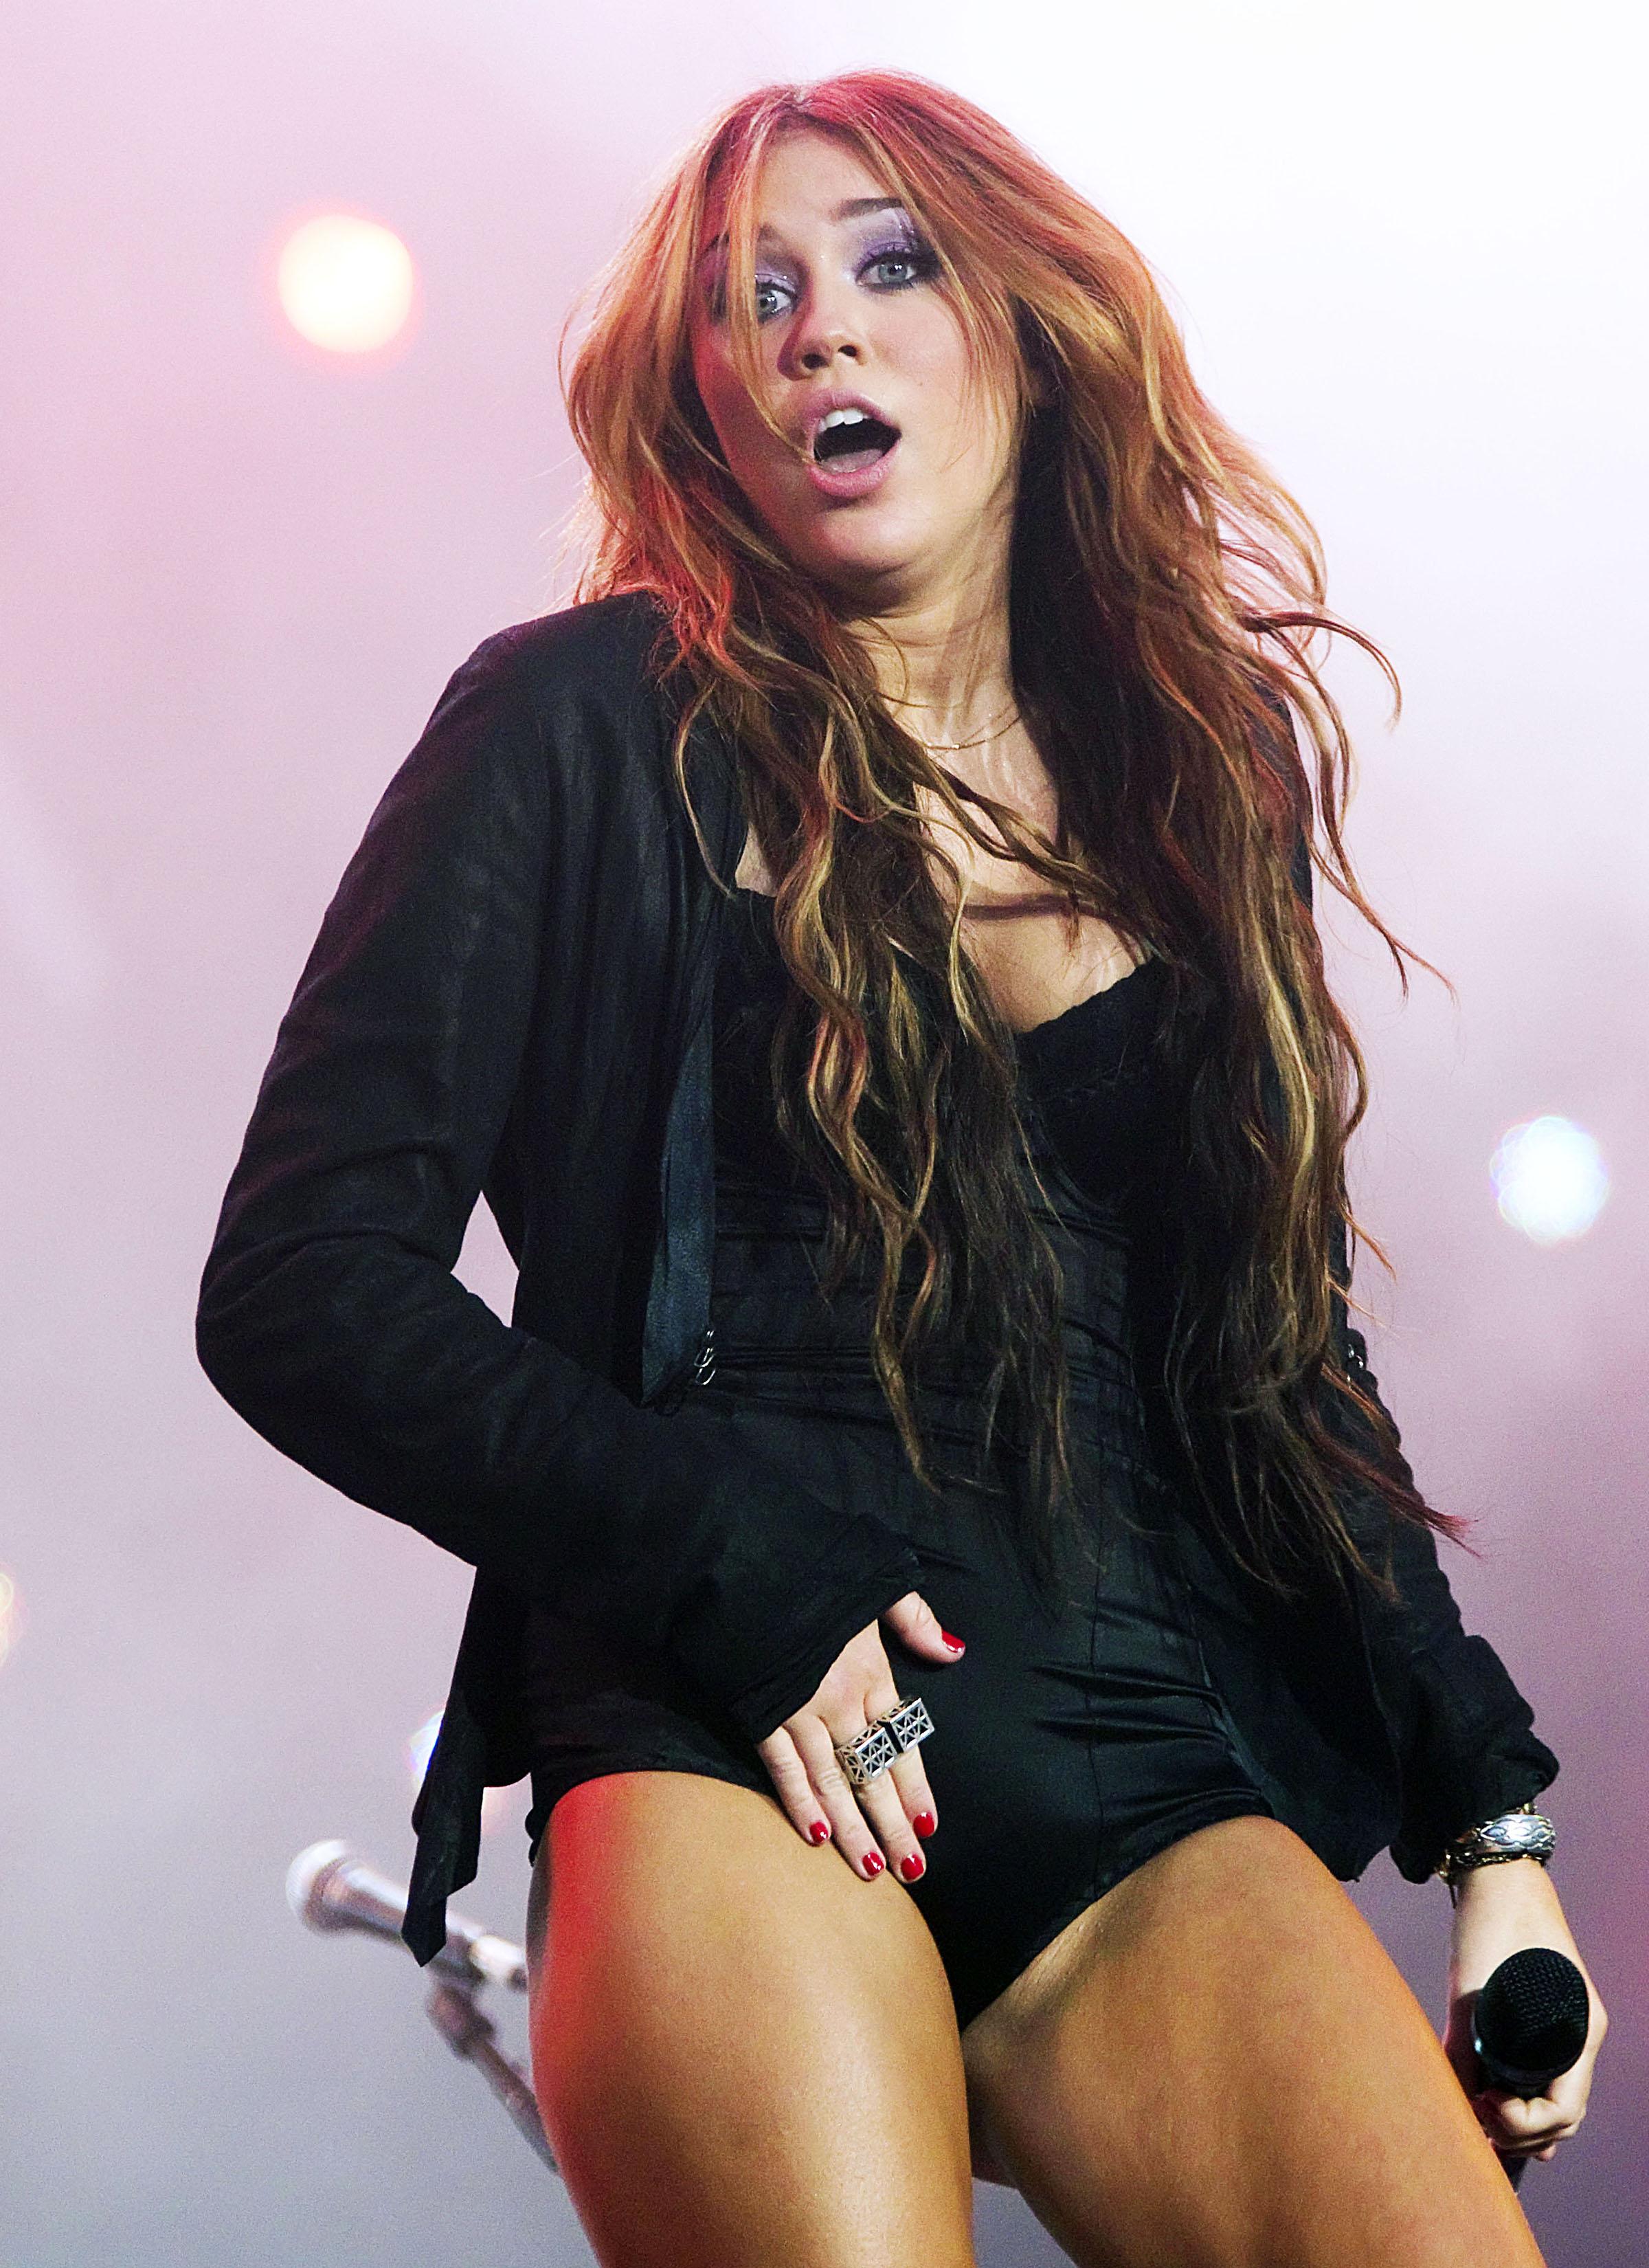 Miley Cyrus At Rock In Rio Music Festival In Arganda Del